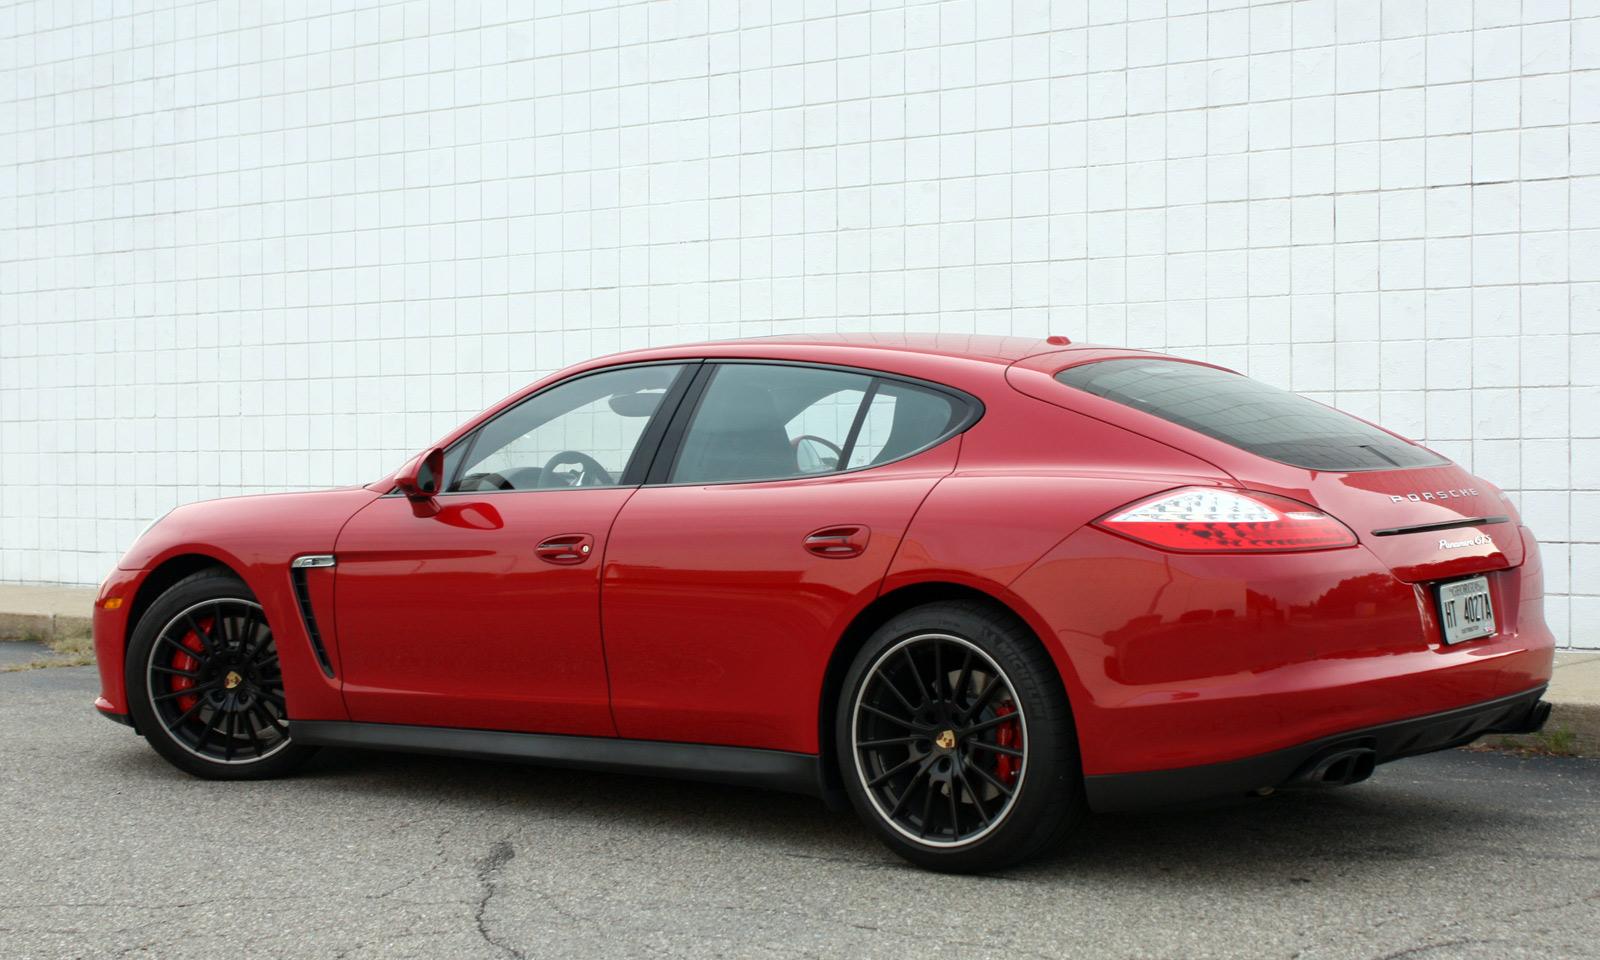 2013 Porsche Panamera Gts Supercar Original